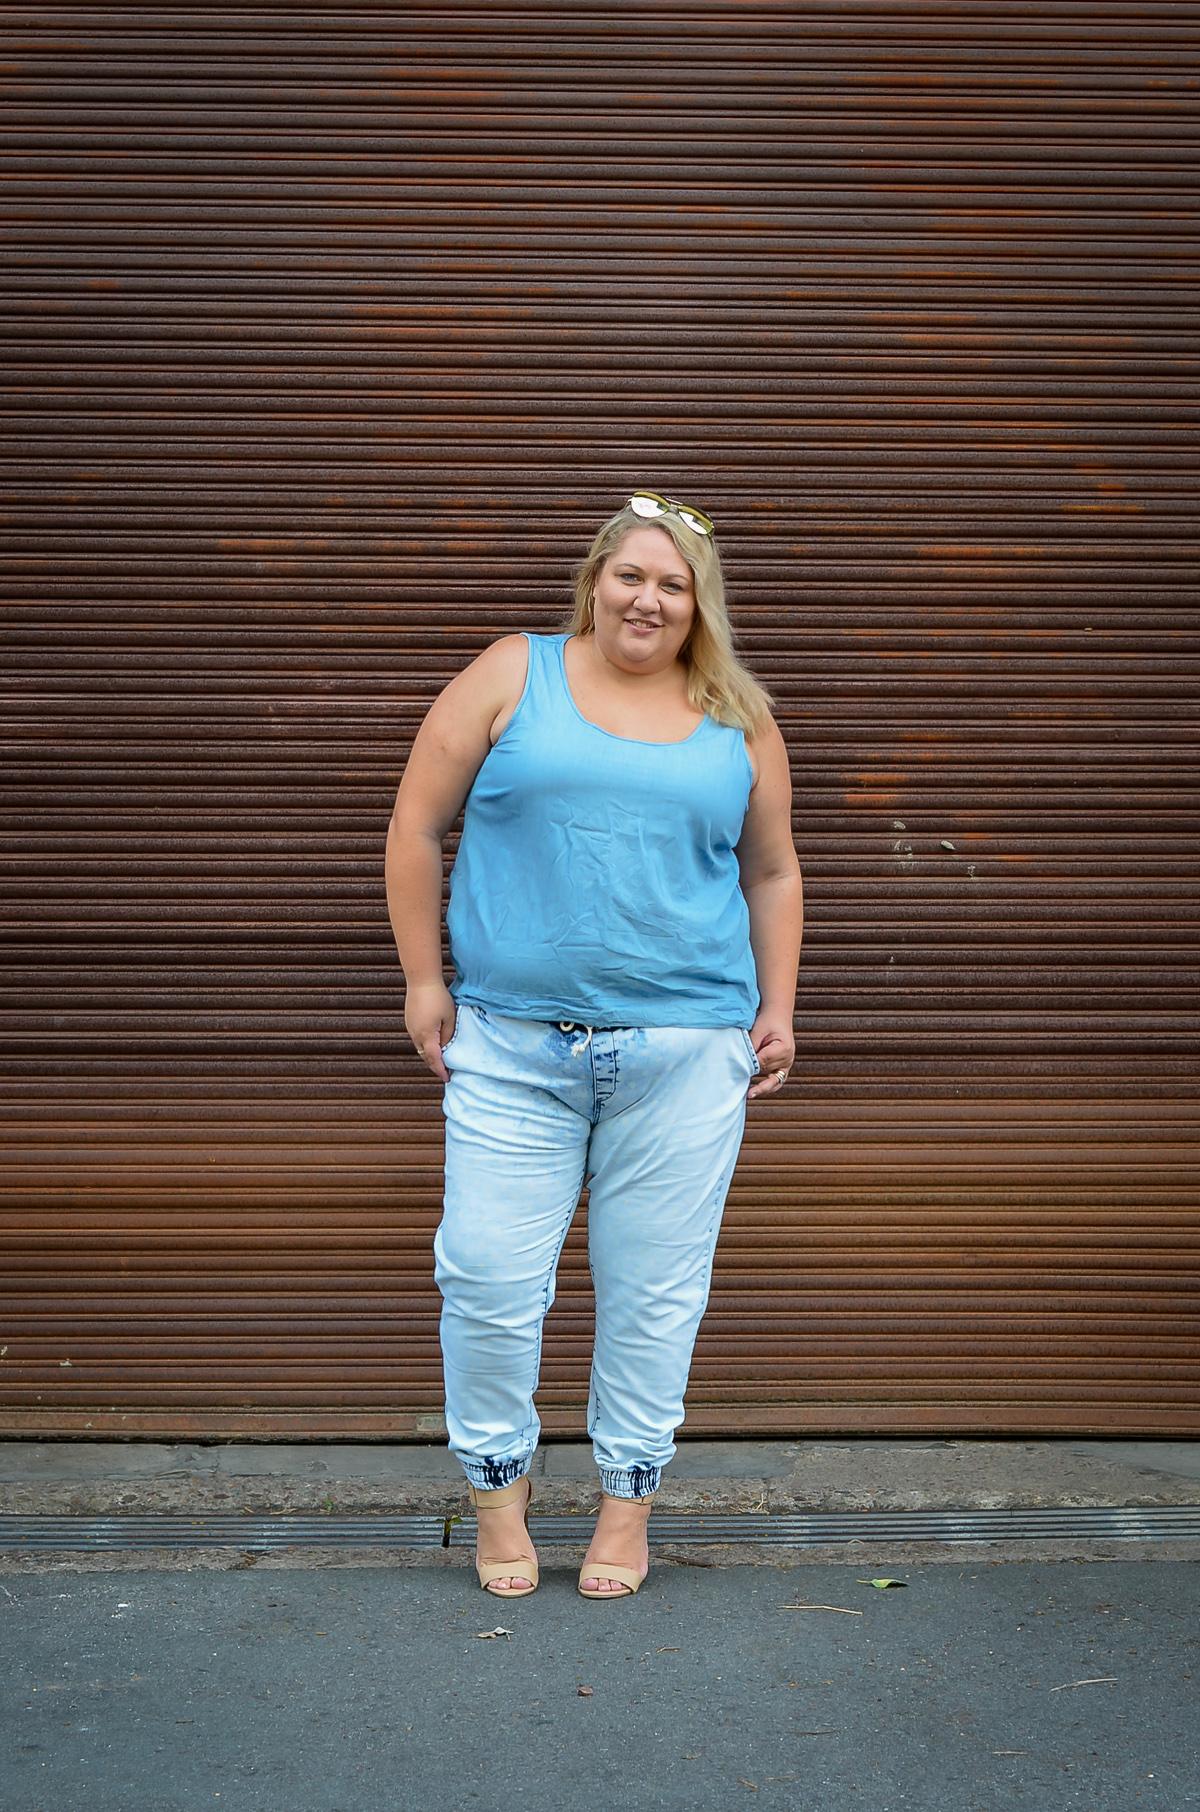 plus size double denim 17 sundays joggers blogger outfit-7